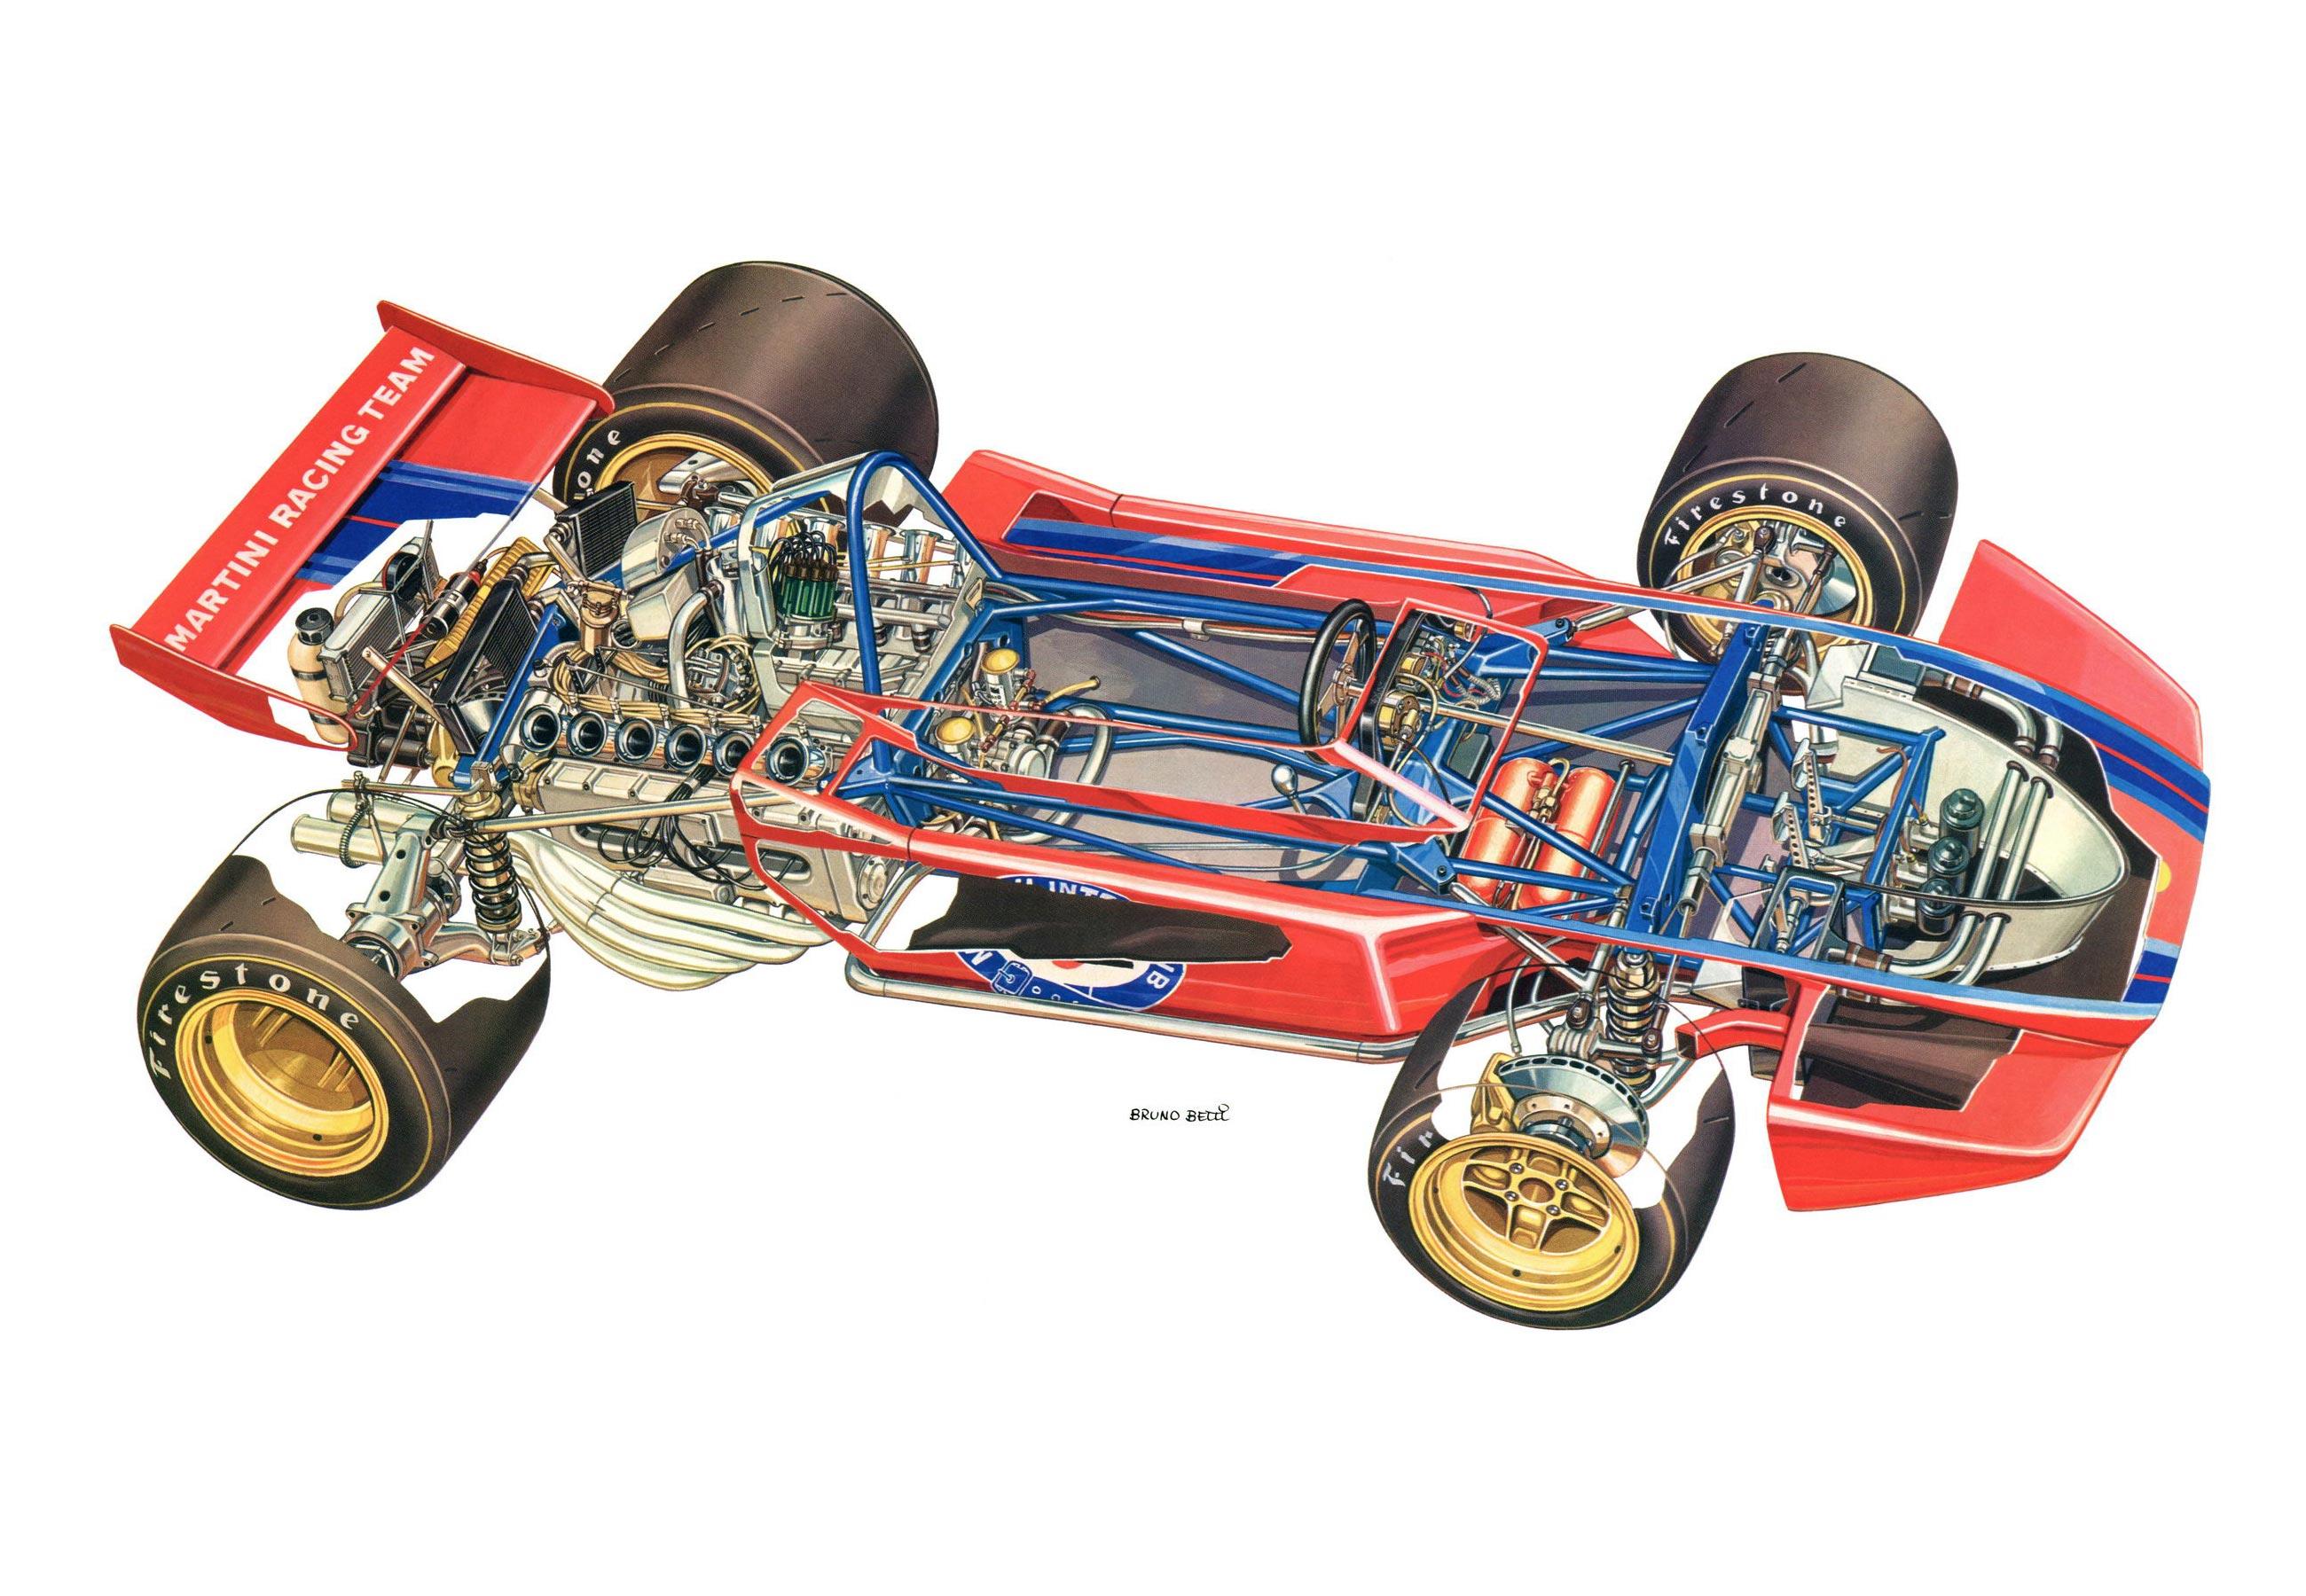 Tecno PA123 cutaway drawing